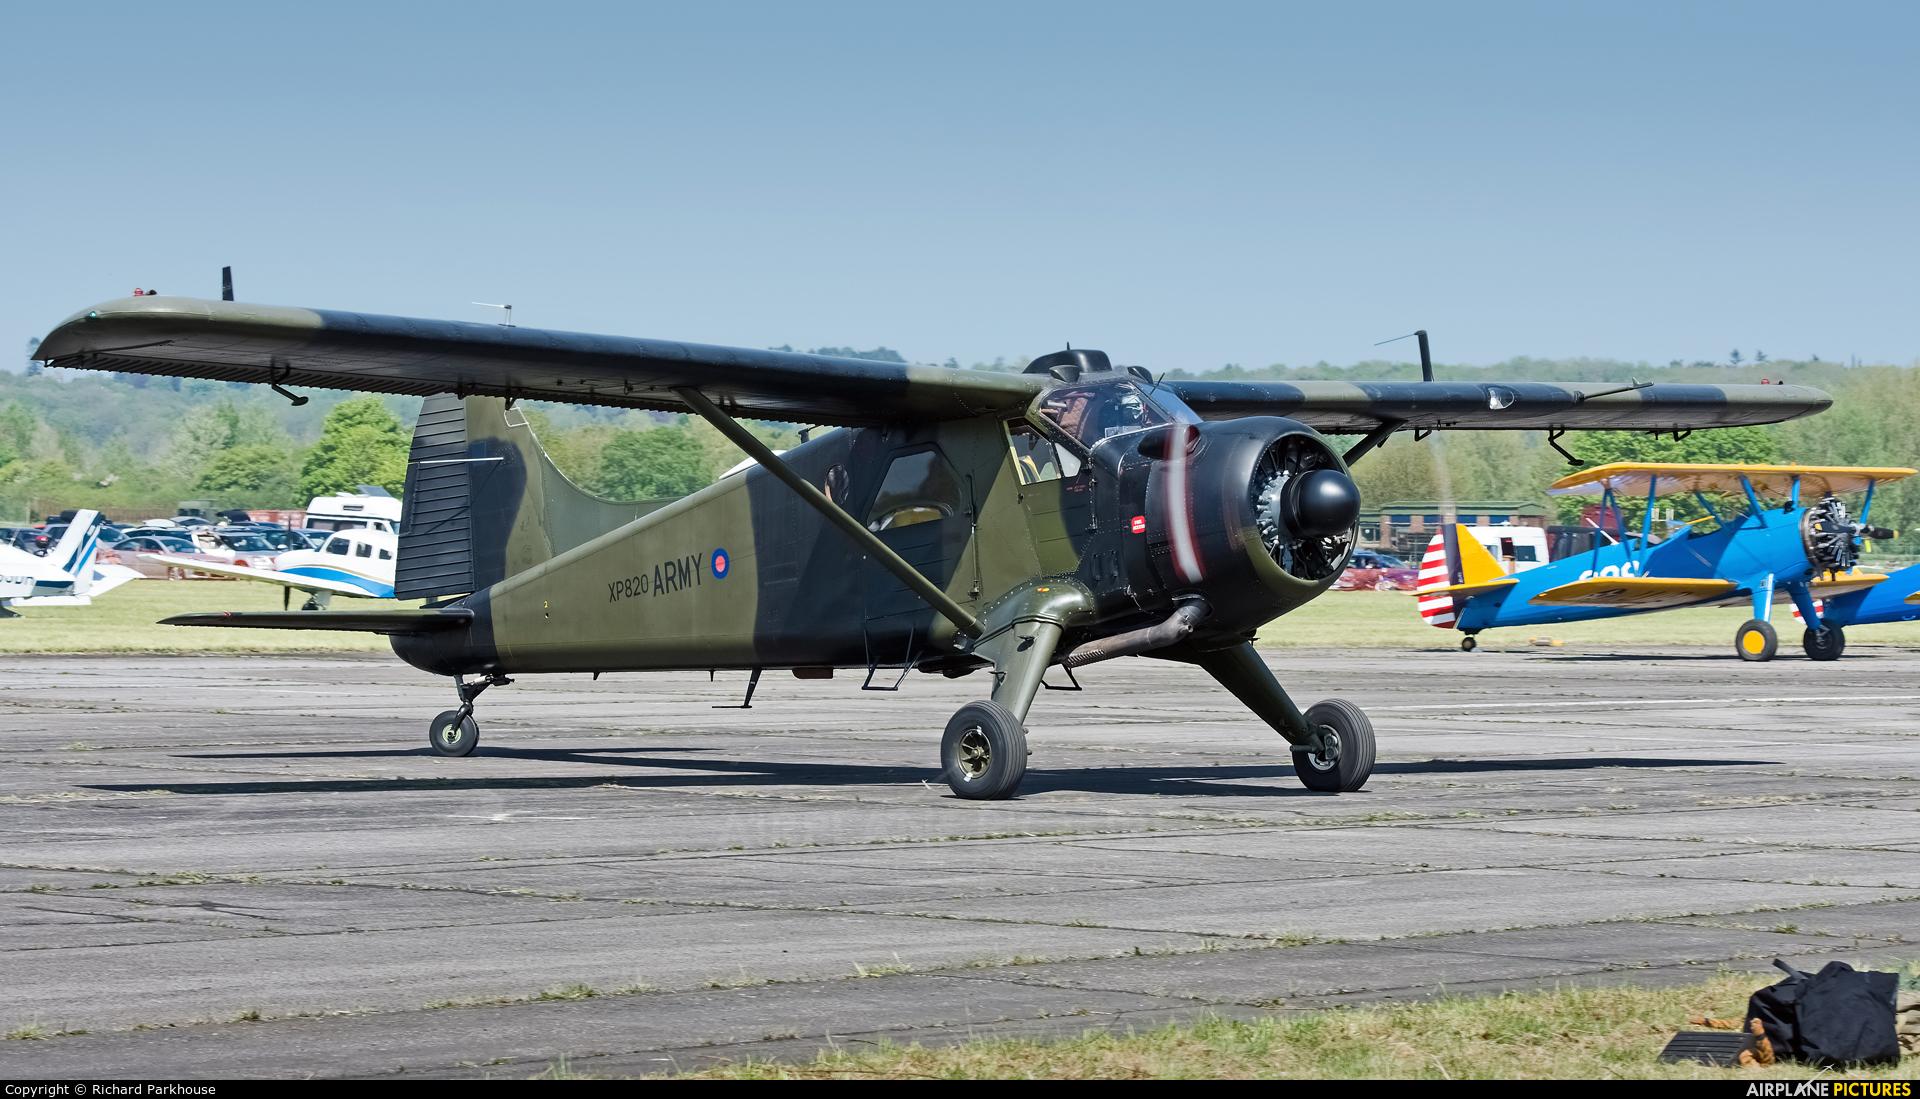 British Army XP820 aircraft at Abingdon